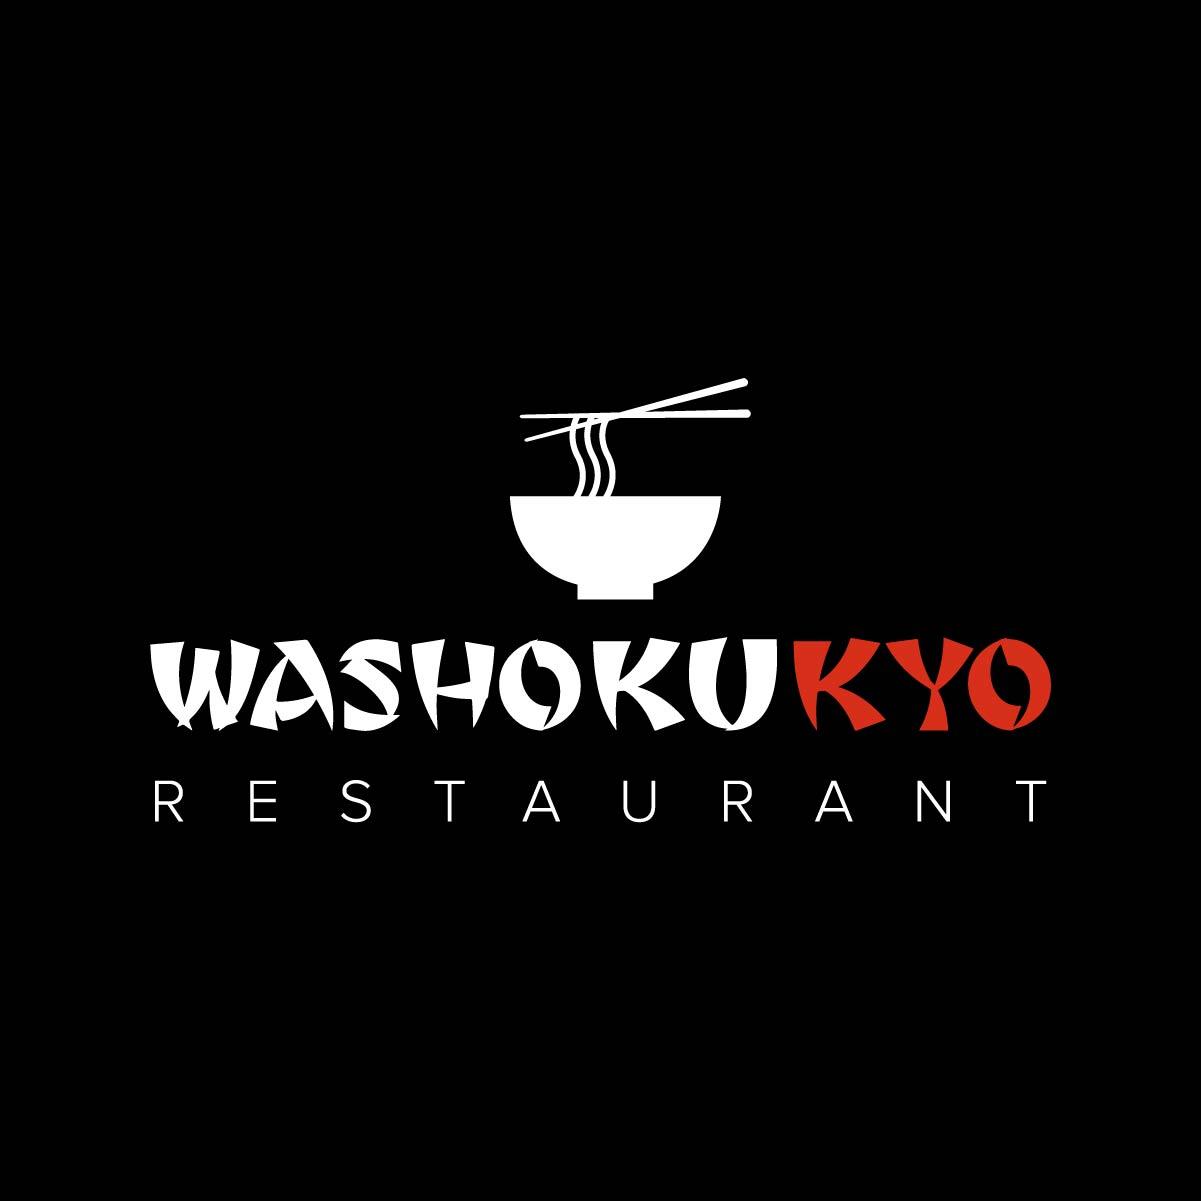 Washokukyo